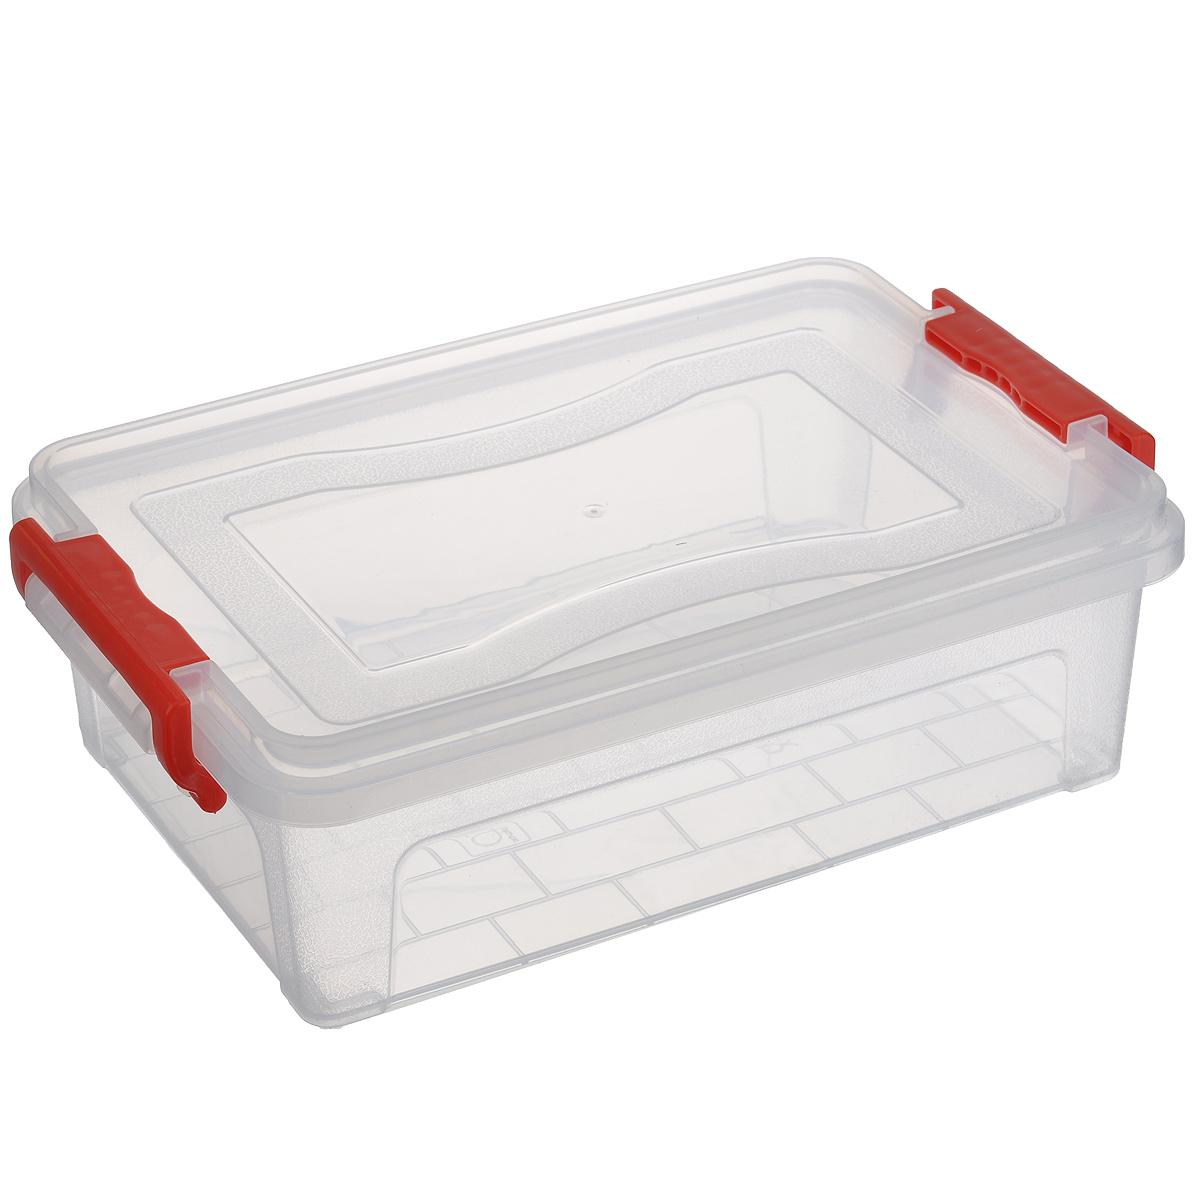 Контейнер для хранения Idea, прямоугольный, цвет: прозрачный, 3,6 л контейнер для хранения idea прямоугольный цвет салатовый прозрачный 8 5 л